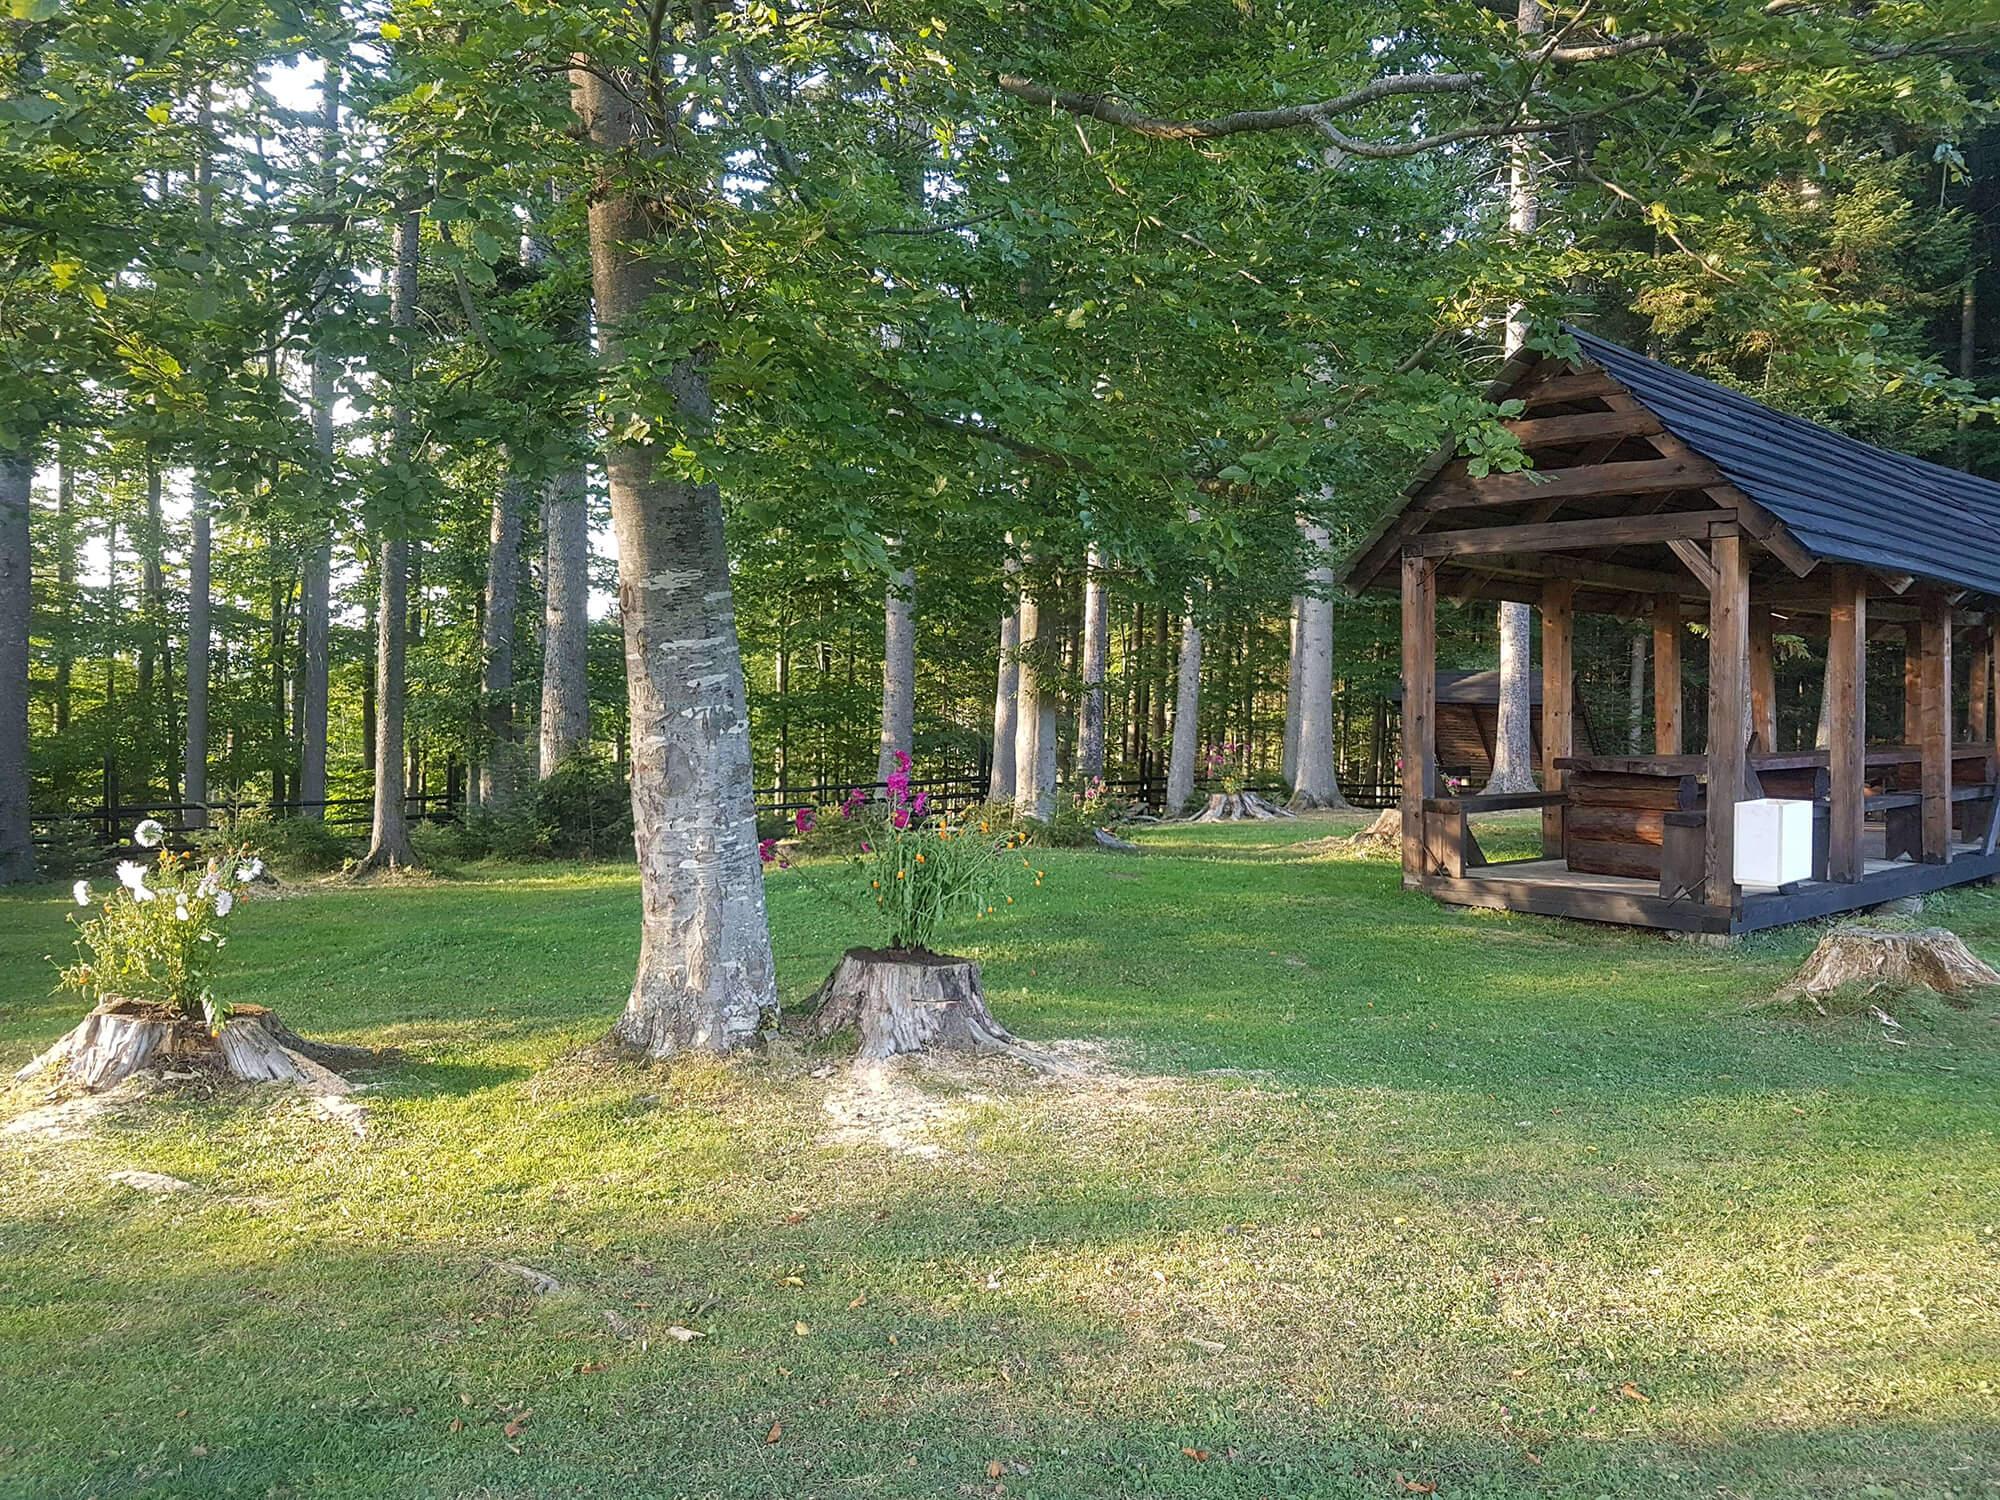 Альтанки та ландшафтотерапія: лісівники оновлюють рекреаційні місця у Карпатах (ФОТО)